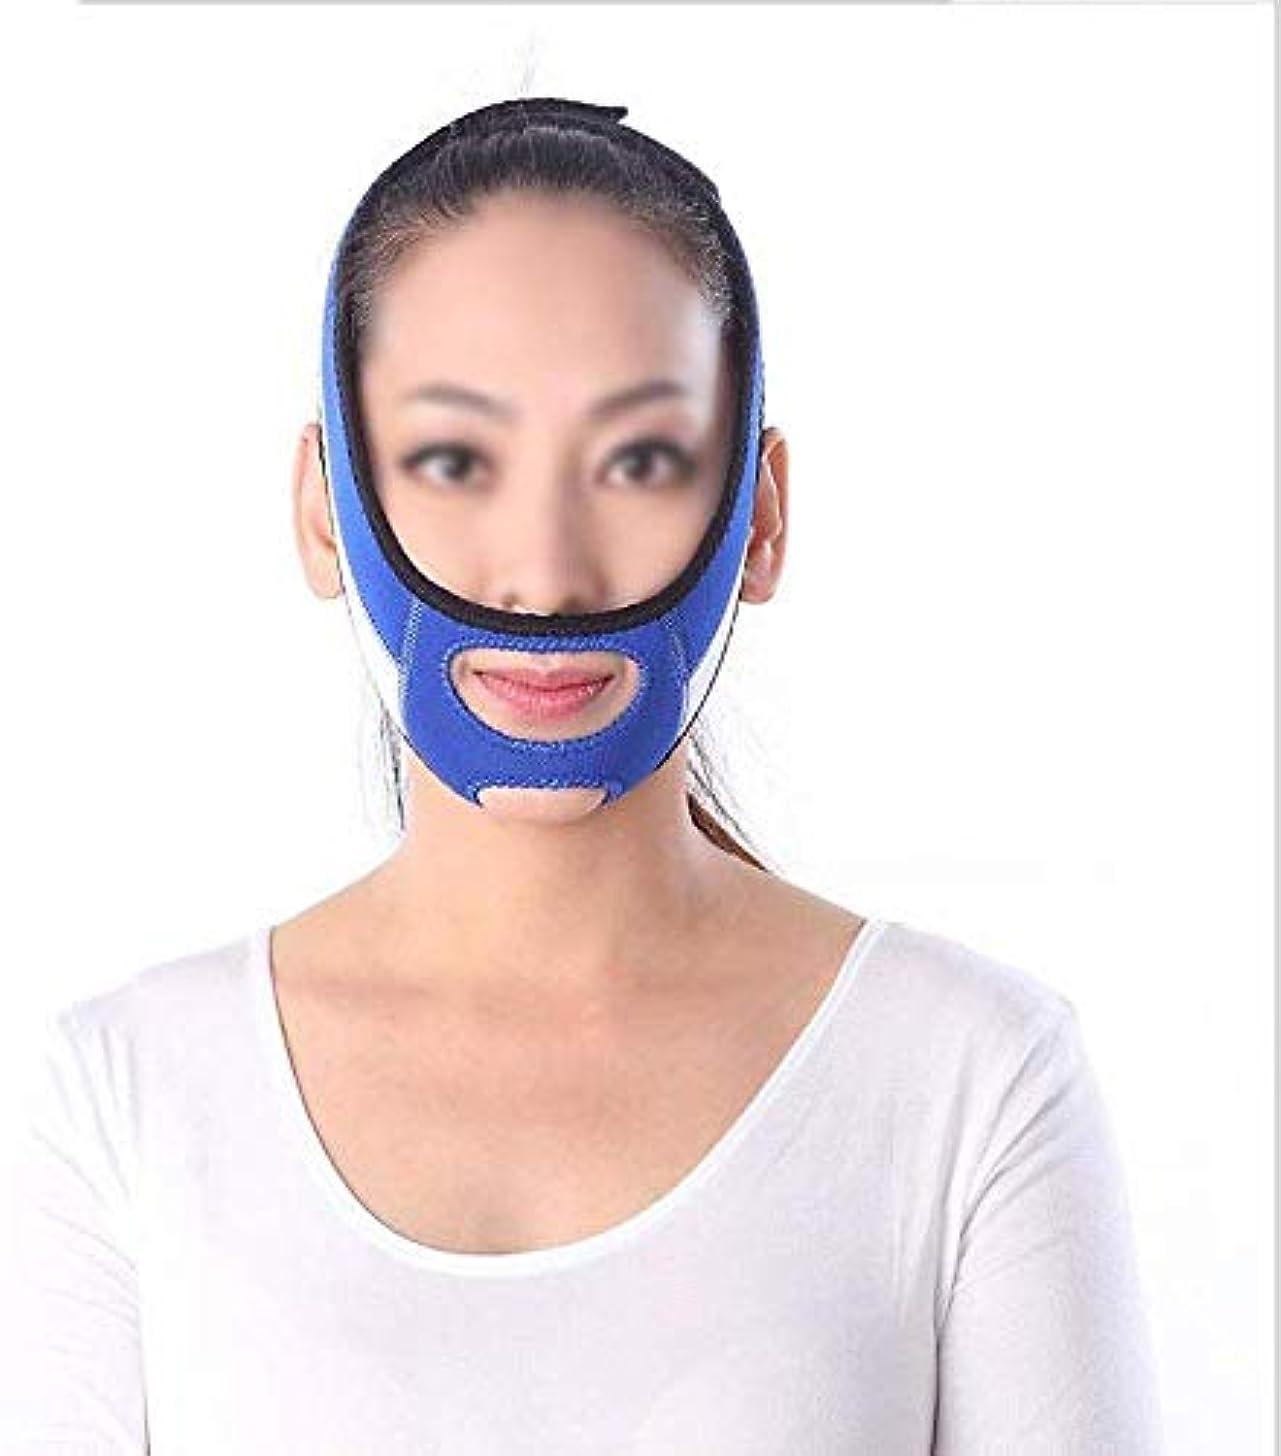 作りベイビー評価美容と実用的なフェイスリフティングマスク、リフティングローパターン包帯ラインカービングリペアツールフェイスリフティングアーティファクトファーミングスキンスモールVフェイスバンド